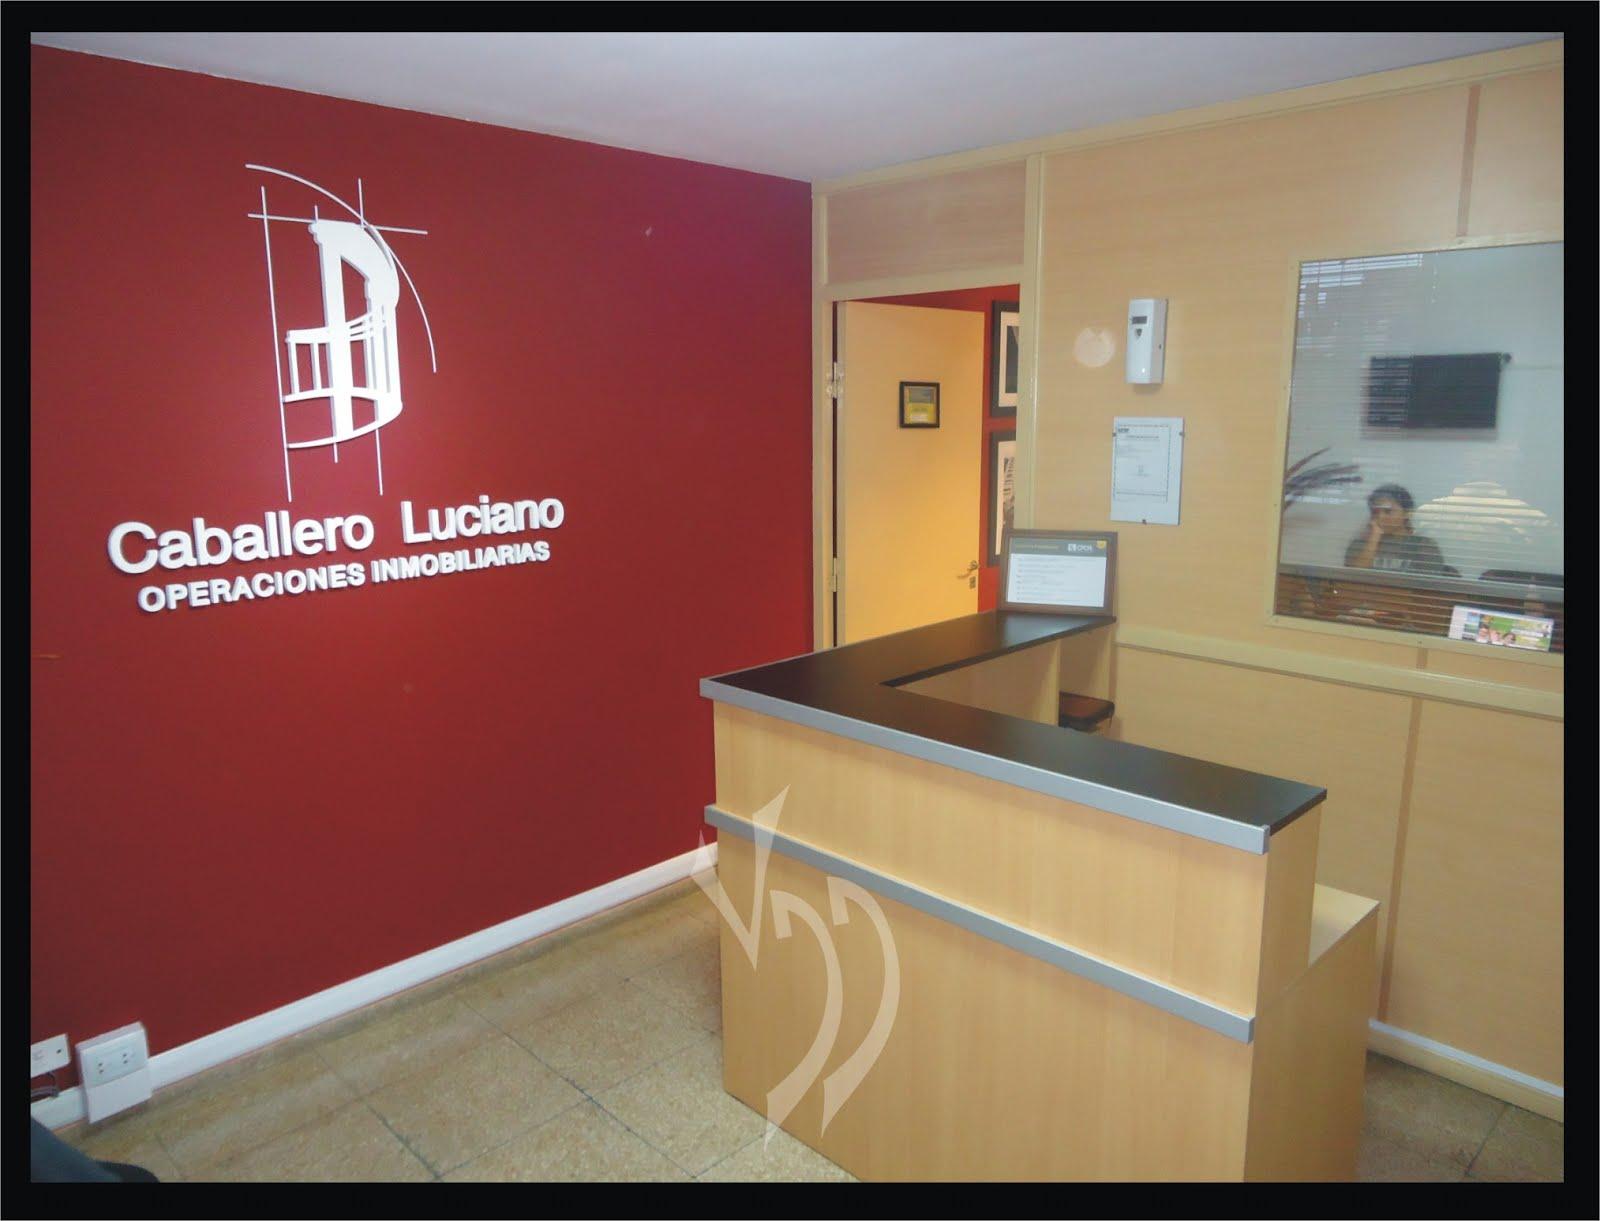 Vddise o interior dise o de oficina caballero luciano for Interior oficina